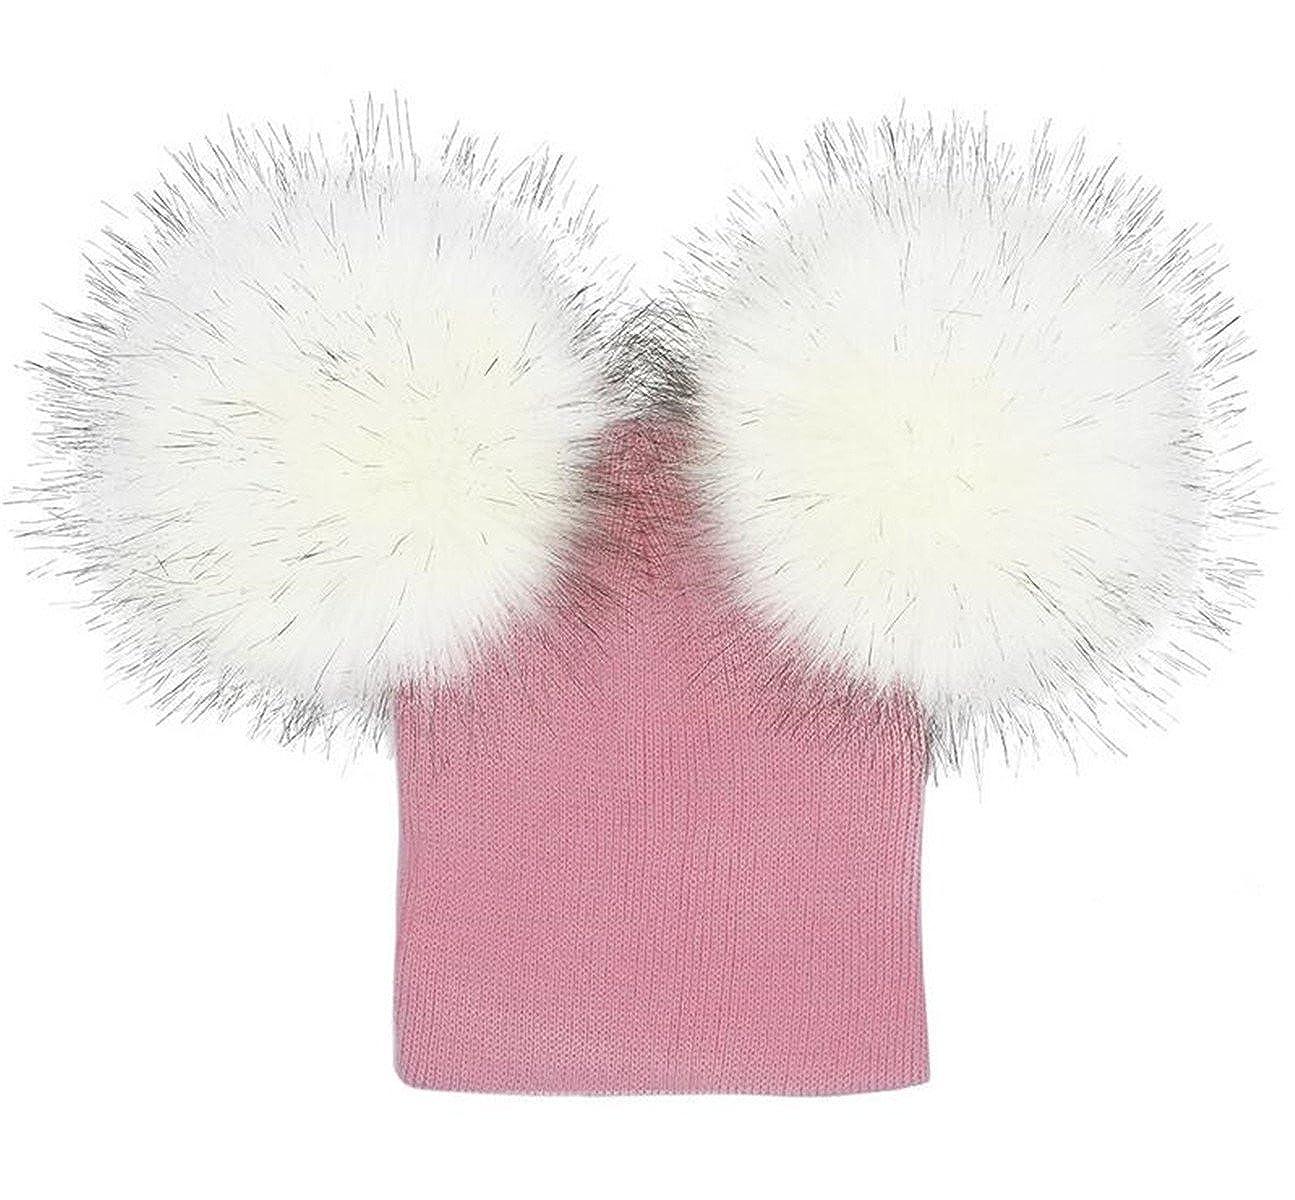 AOGD Winter Wolle Gestrickte Hüte Baby Mädchen Schals Kapuze Mönchskutte Beanie Mützen Strickende Große Doppelkugel Aus Wolle Kindermützen